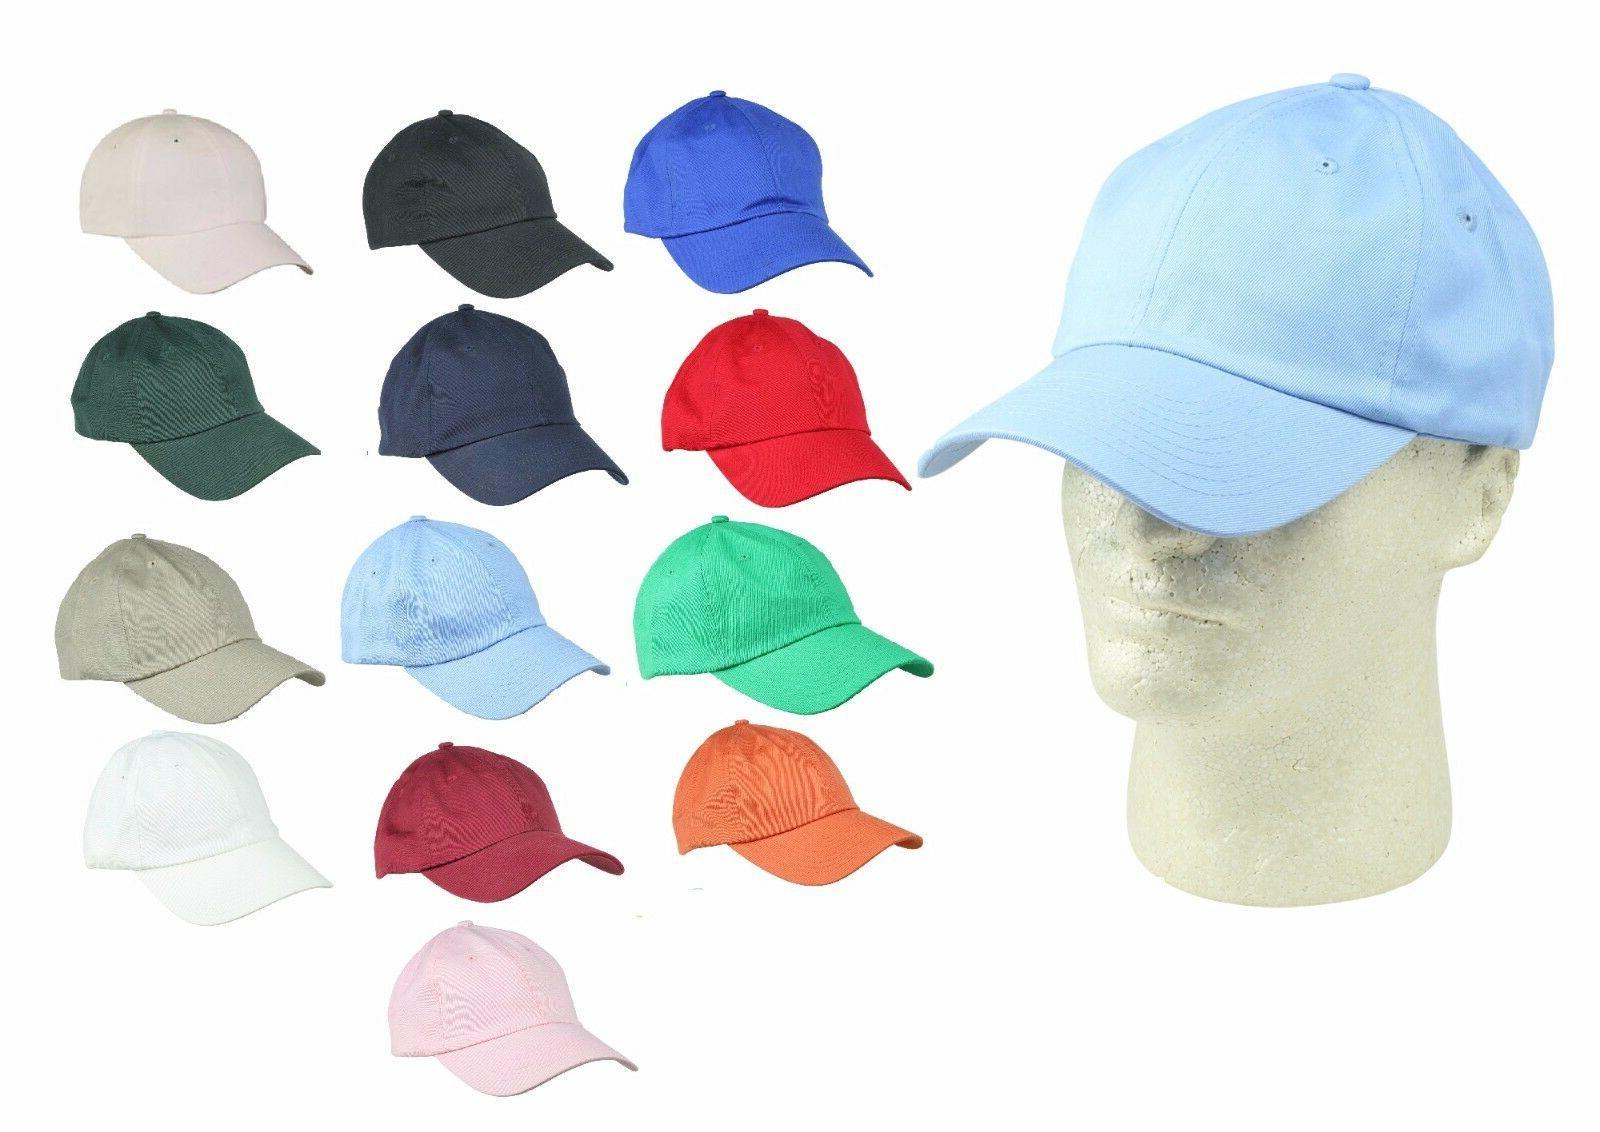 unisex cotton cap adjustable plain hat unstructured